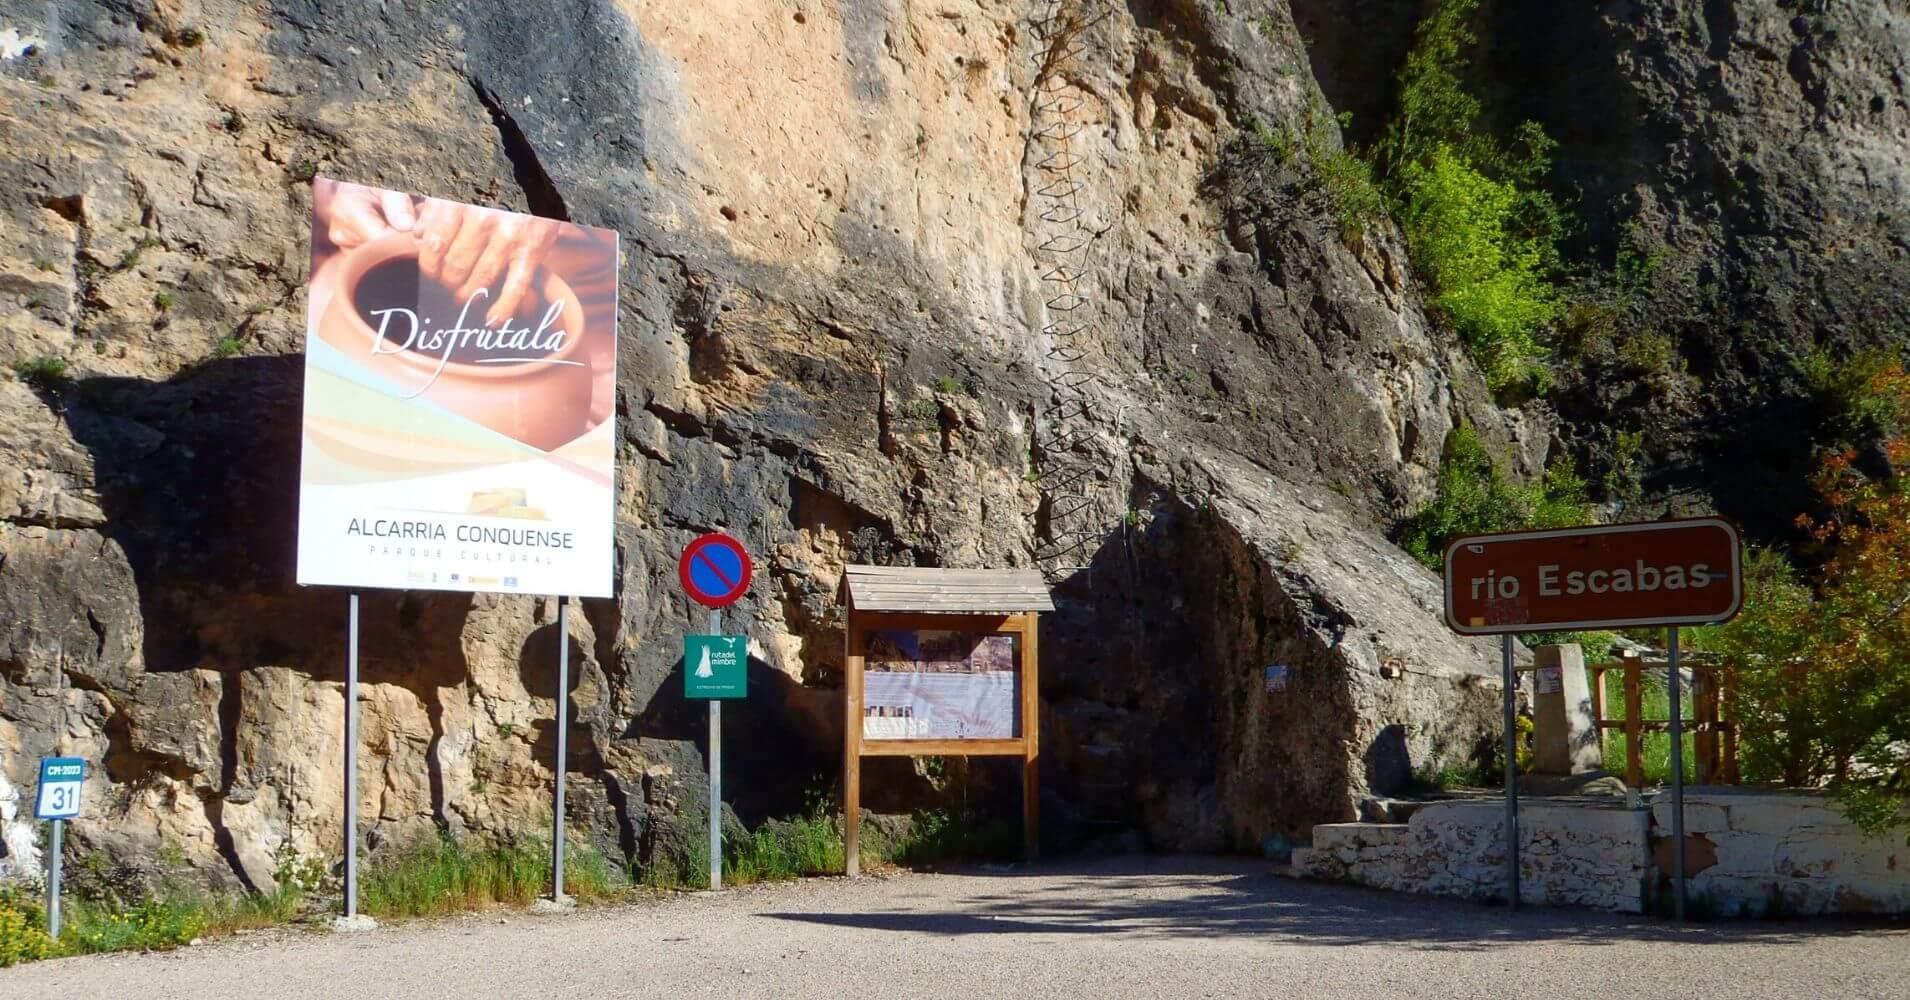 Inicio del Camino Equipado de la Pasarela del Río Escabas. Priego, Cuenca. Castilla la Mancha.